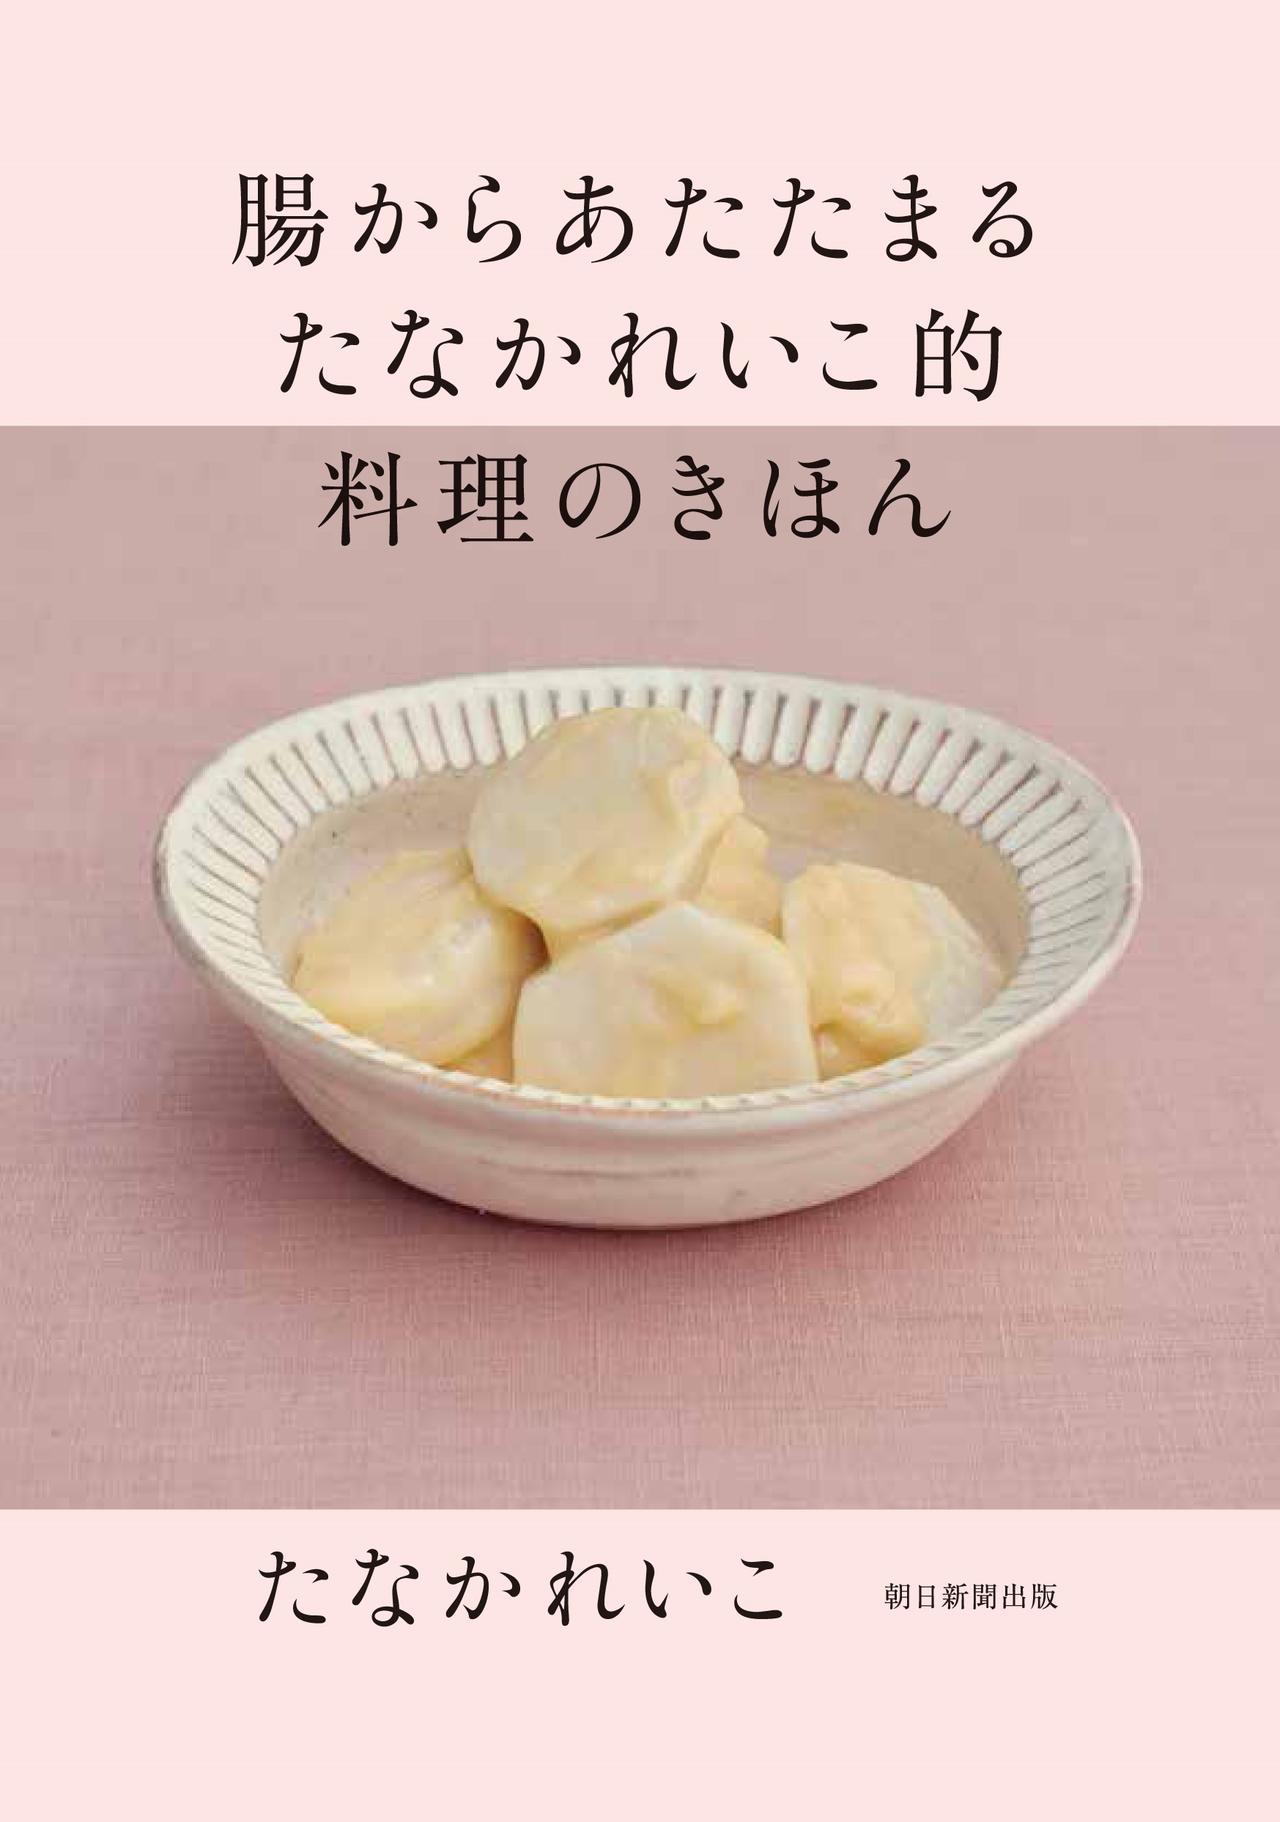 画像: 東京・銀座「一冊の本を売る本屋」森岡書店で、 料理家 たなかれいこさん(食のギャラリー612主宰)と 写真家 長野陽一さんのトークイベントが6月28日に開催!